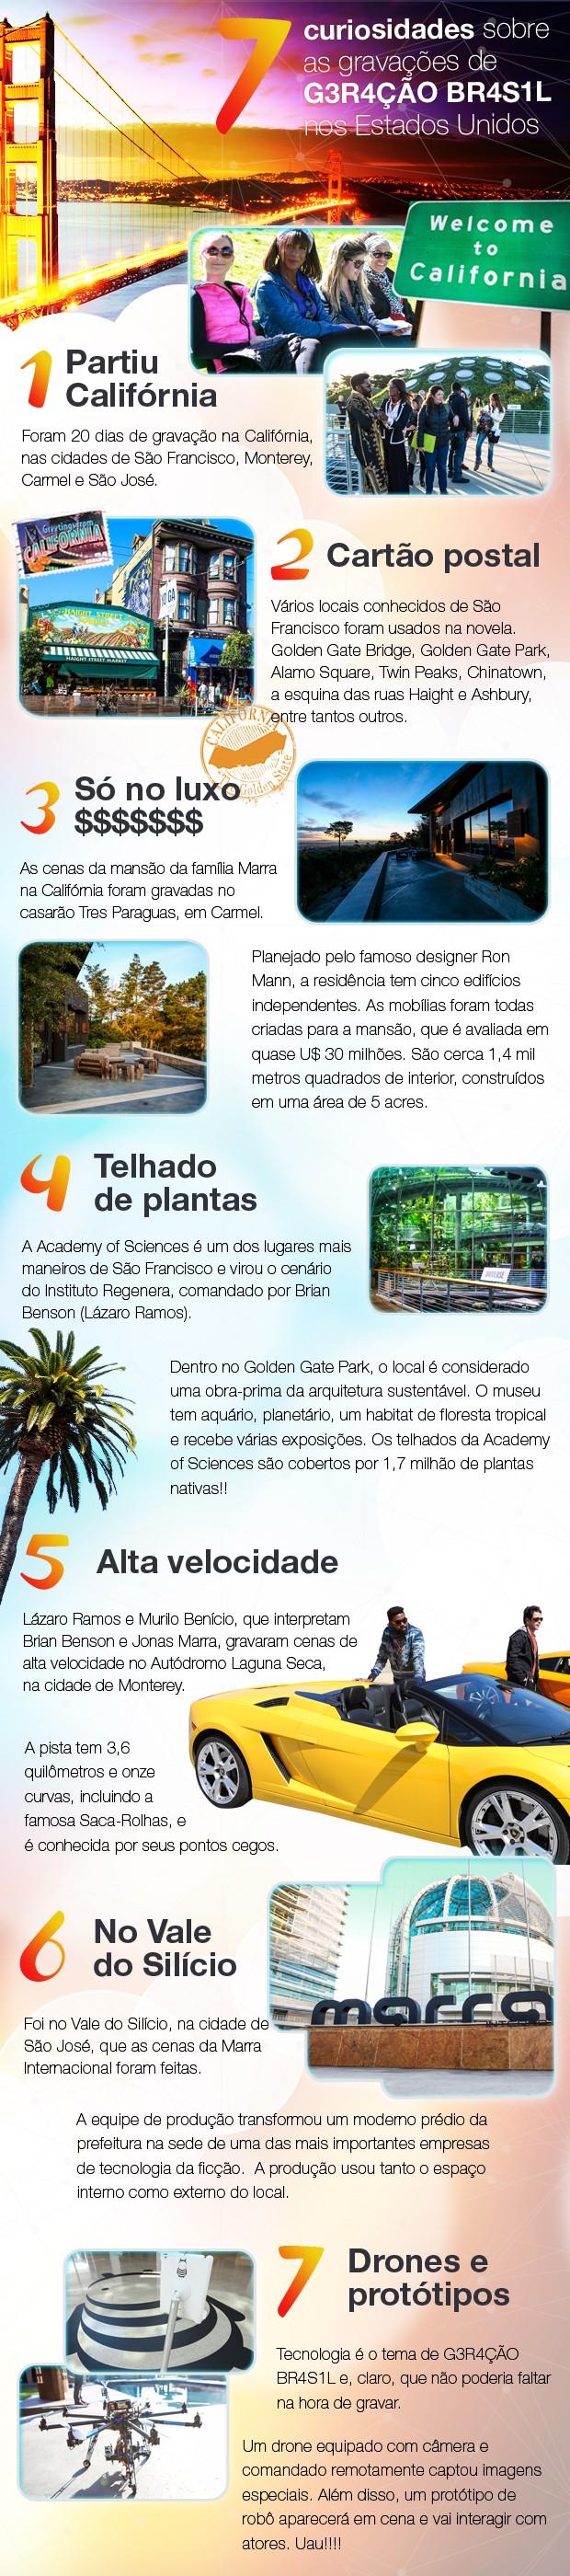 Curiosidades Califórnia (Foto: Geração Brasil / TV Globo)